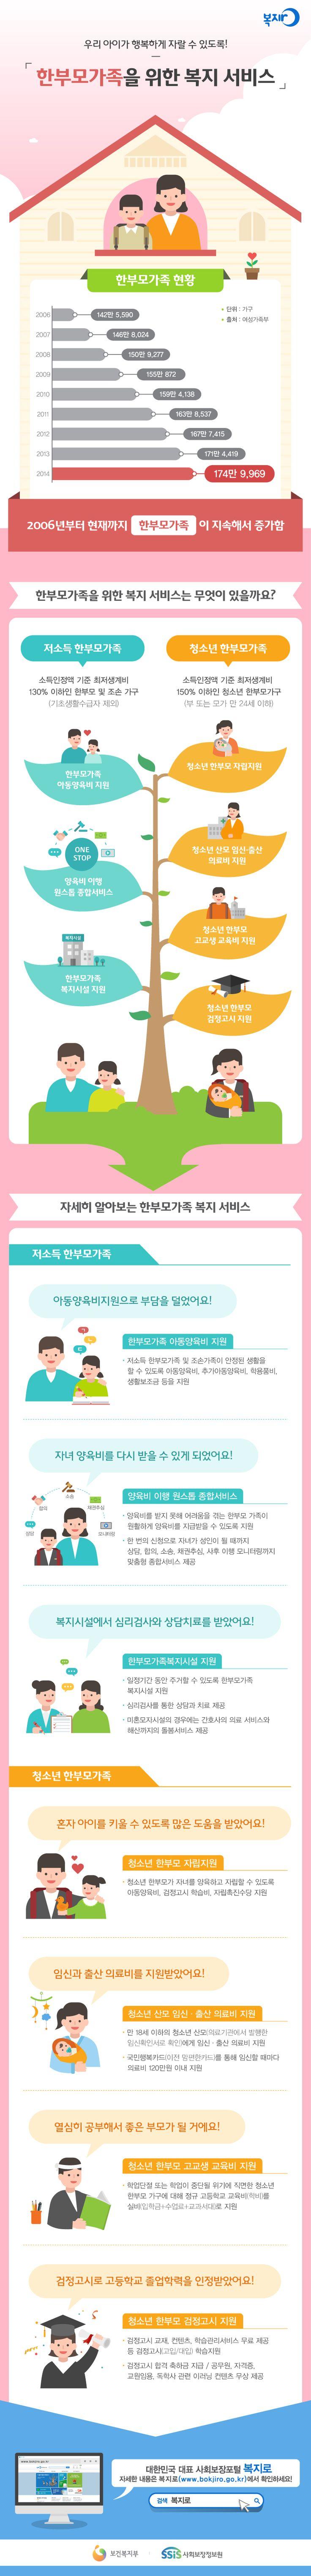 대한민국 대표 '사회보장포털 복지로' 한부모복지서비스에 관한 인포그래픽